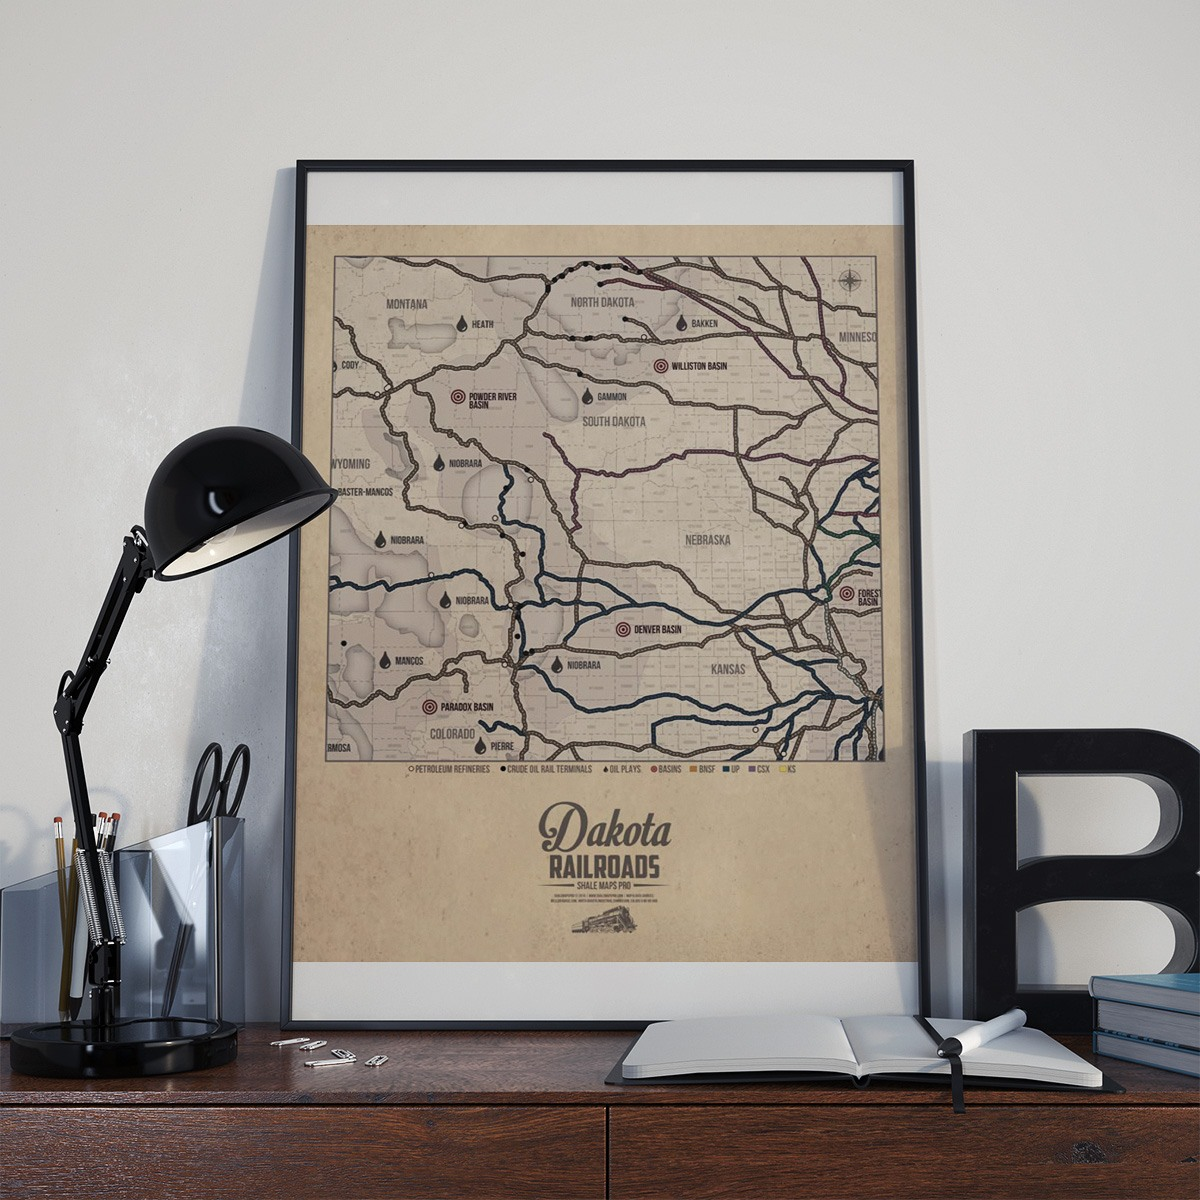 Dakota Railroad Map & Shale Oil Plays Map